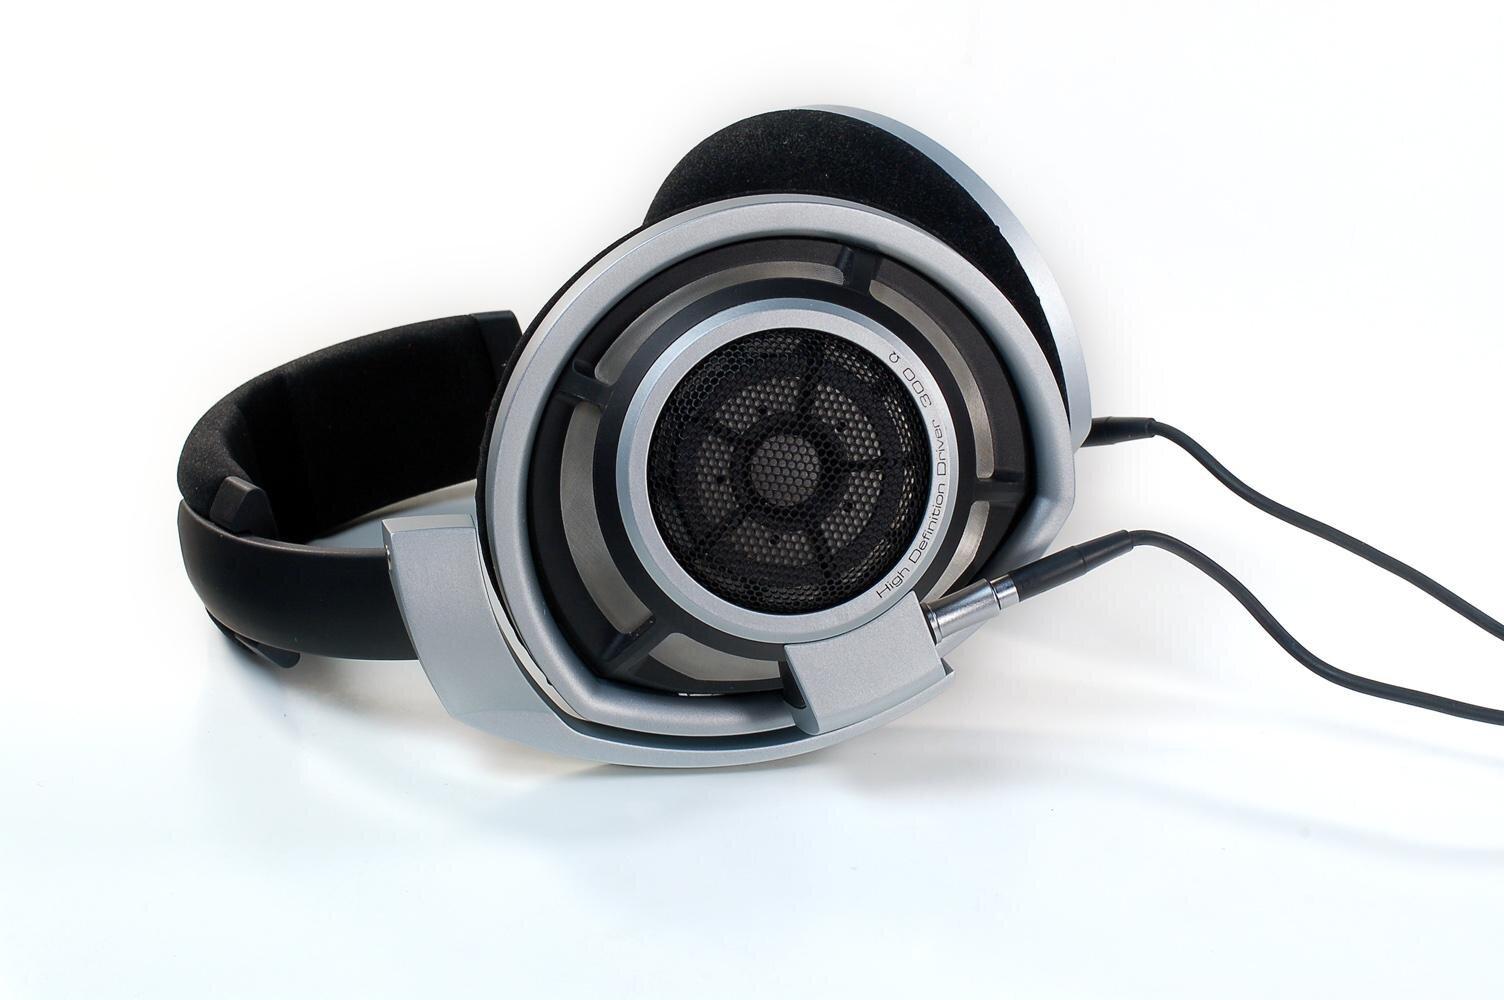 Tai nghe Sennheiser HD 800s